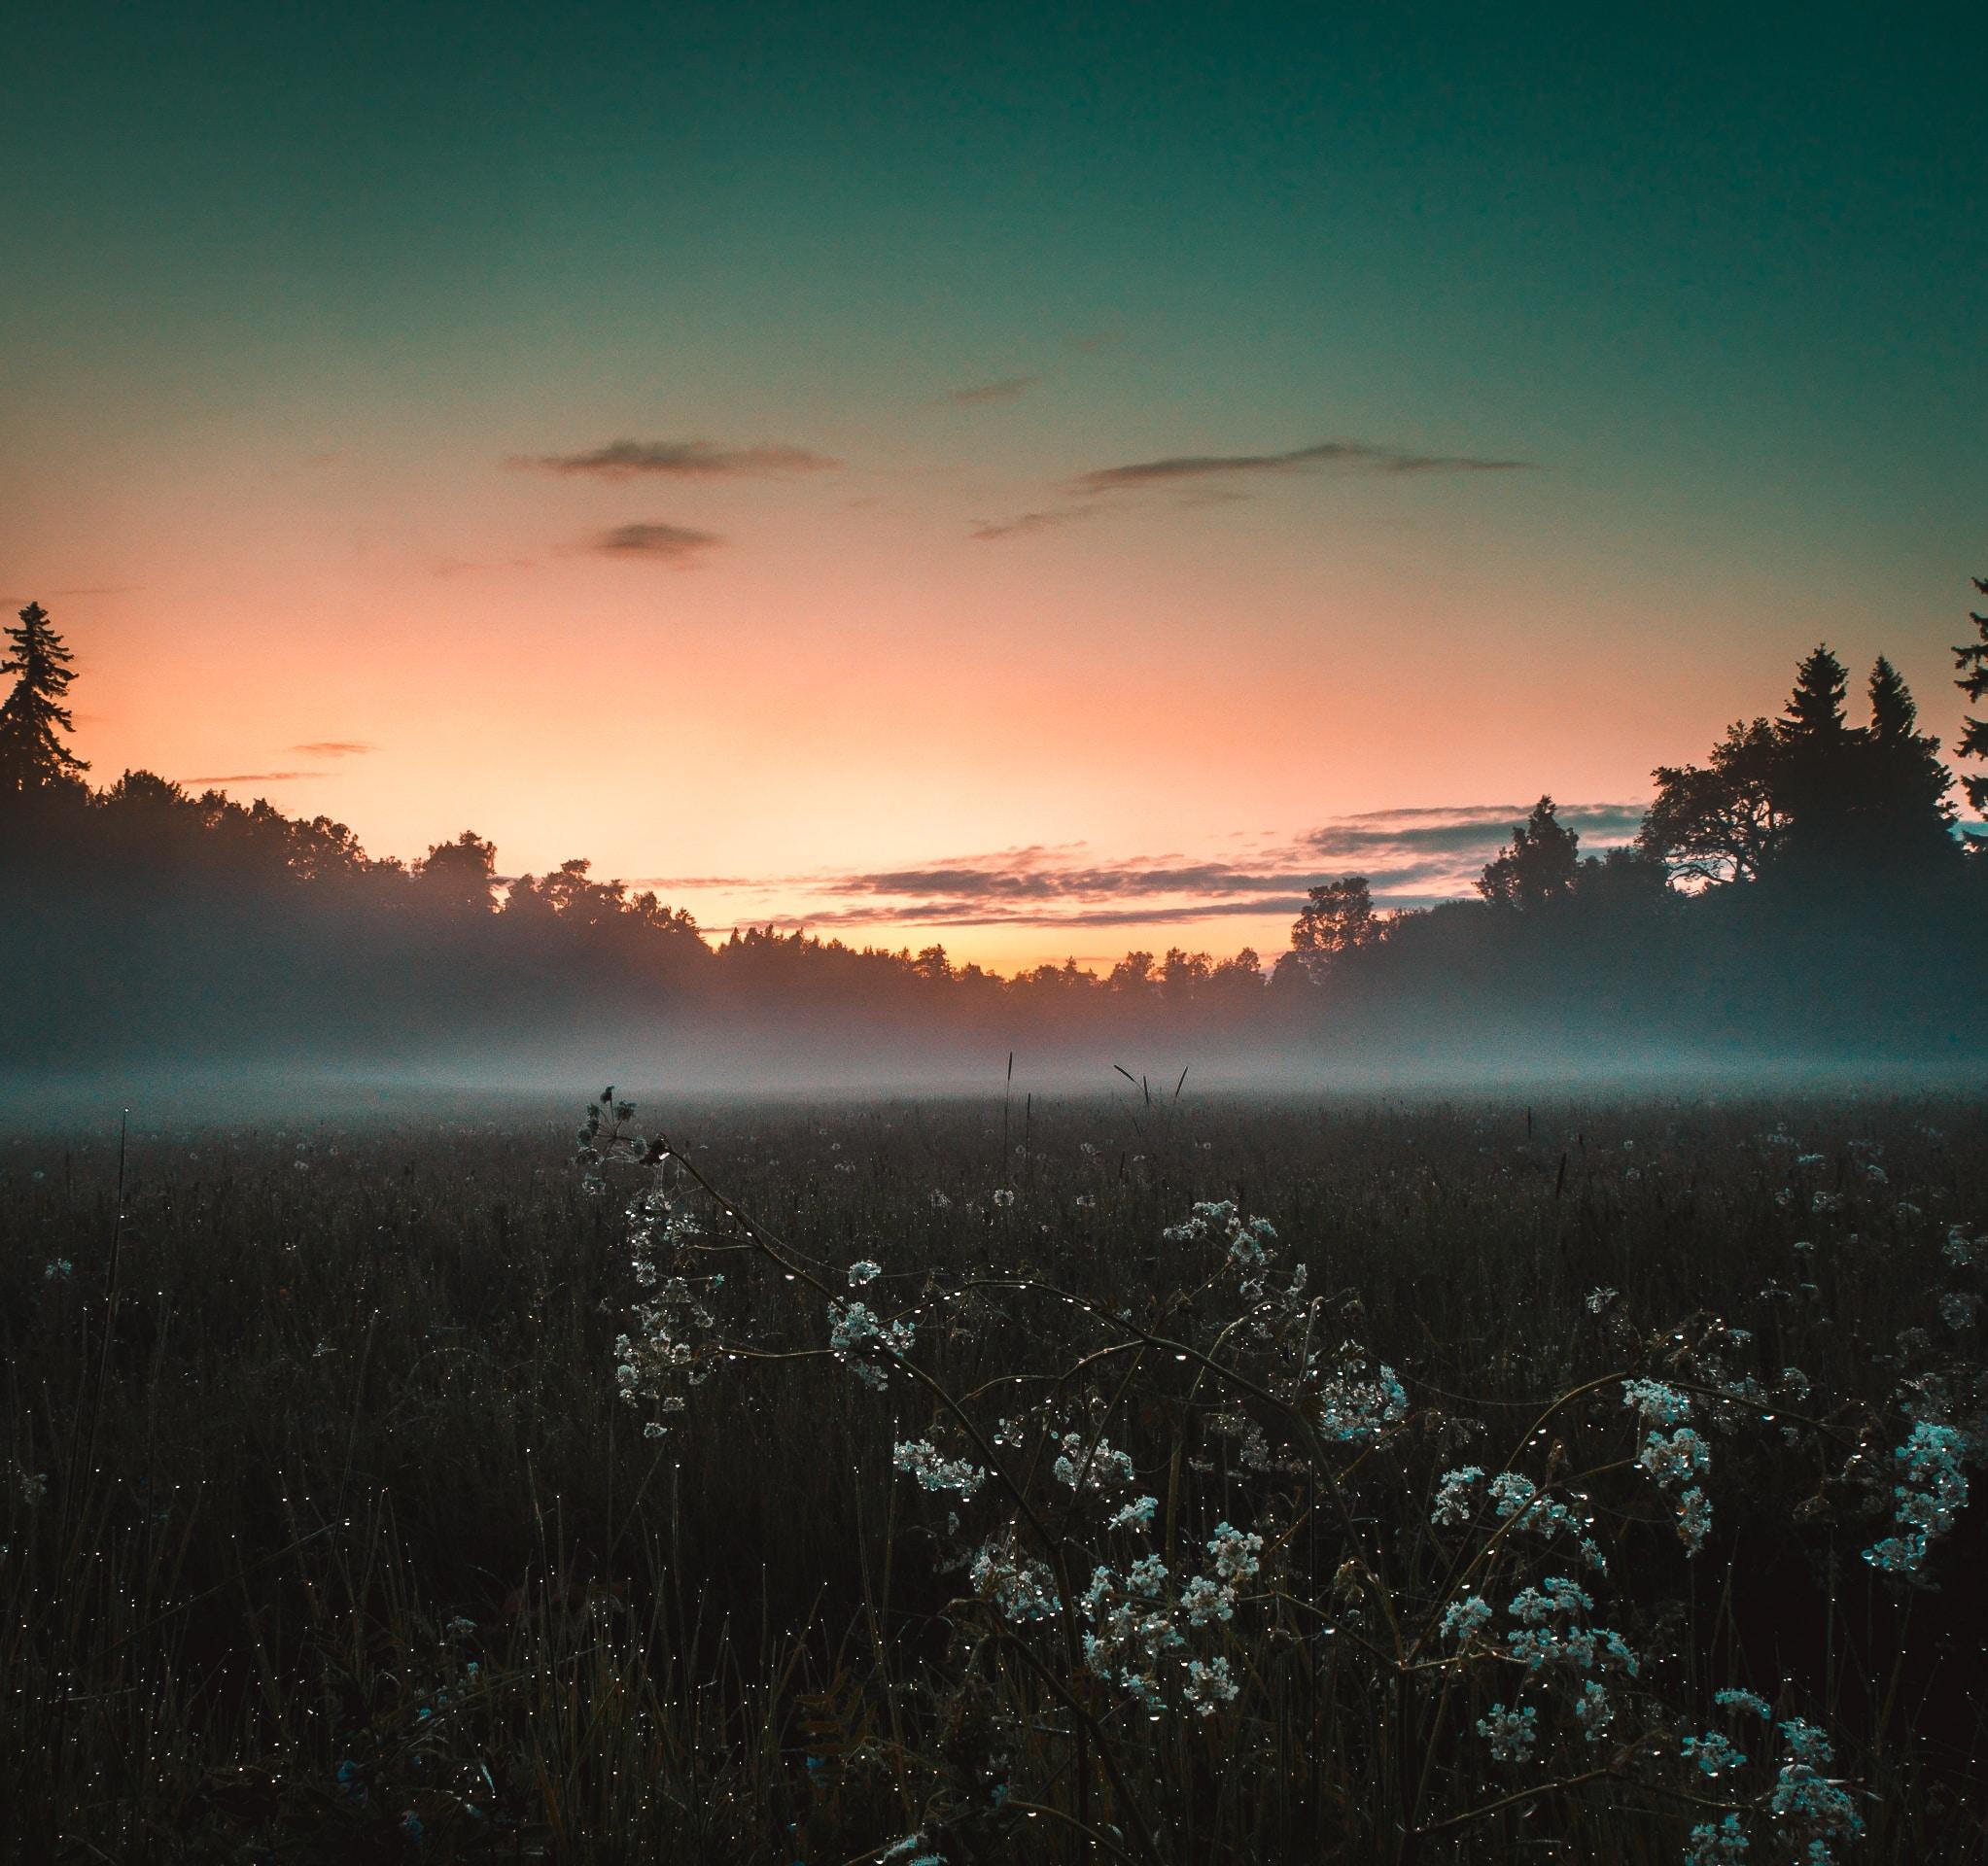 white flower field near green grass field under blue sky at sunset